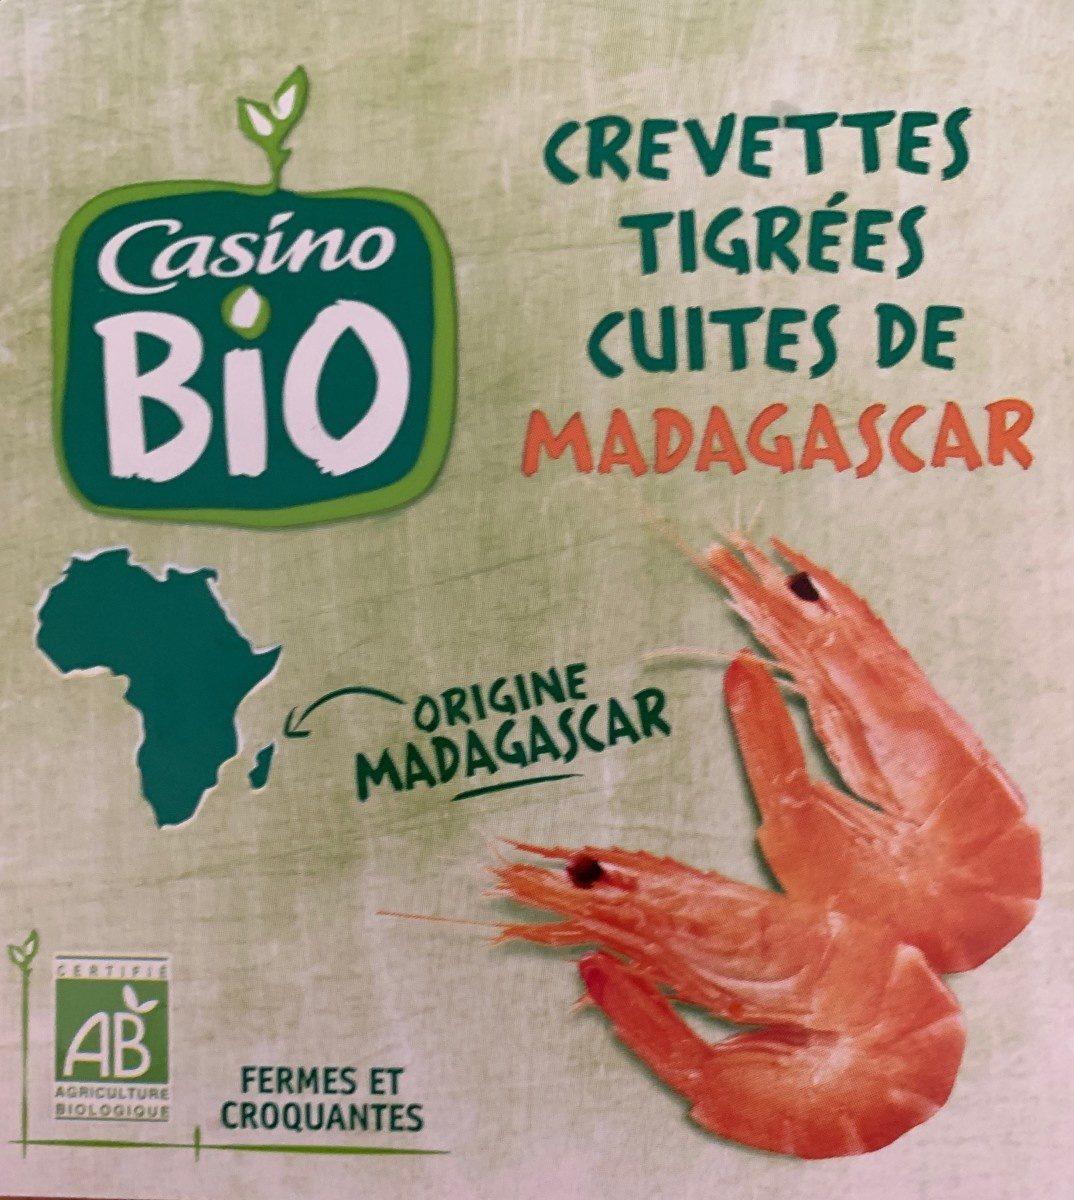 Crevettes tigrées cuites de MADAGASCAR - Product - fr